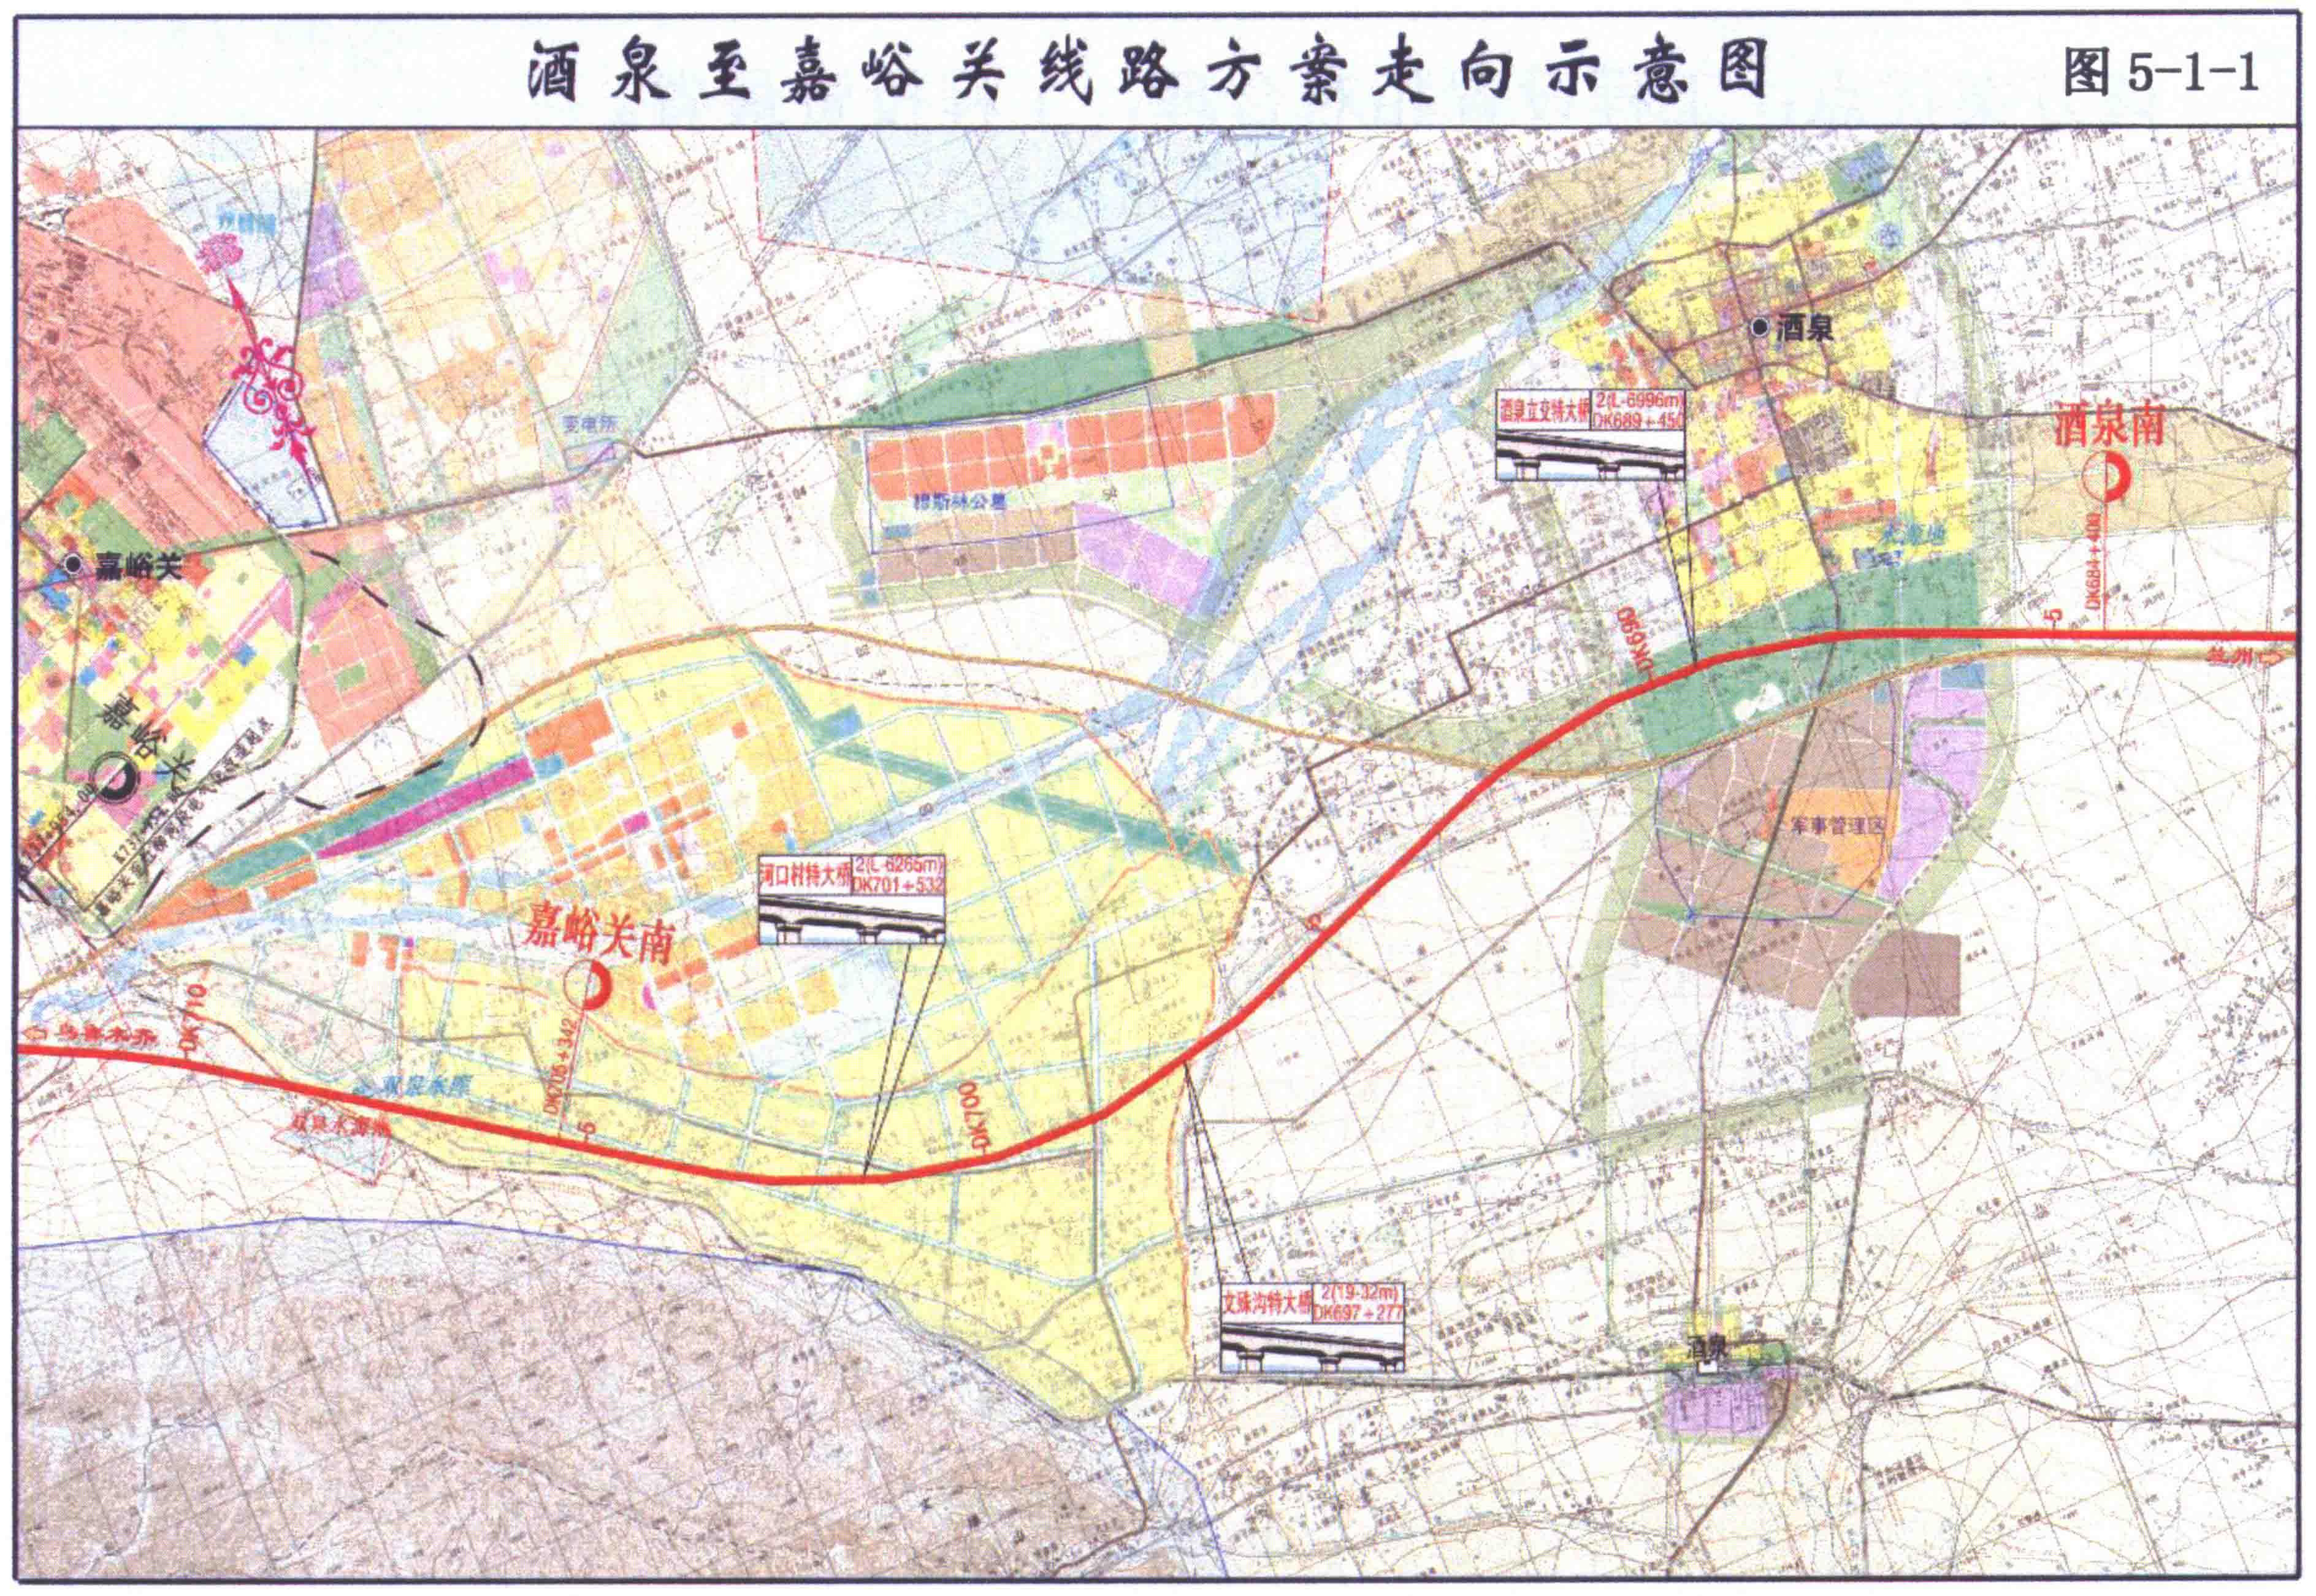 兰新二线嘉峪关南站站前广场及道路附属配套工程立项